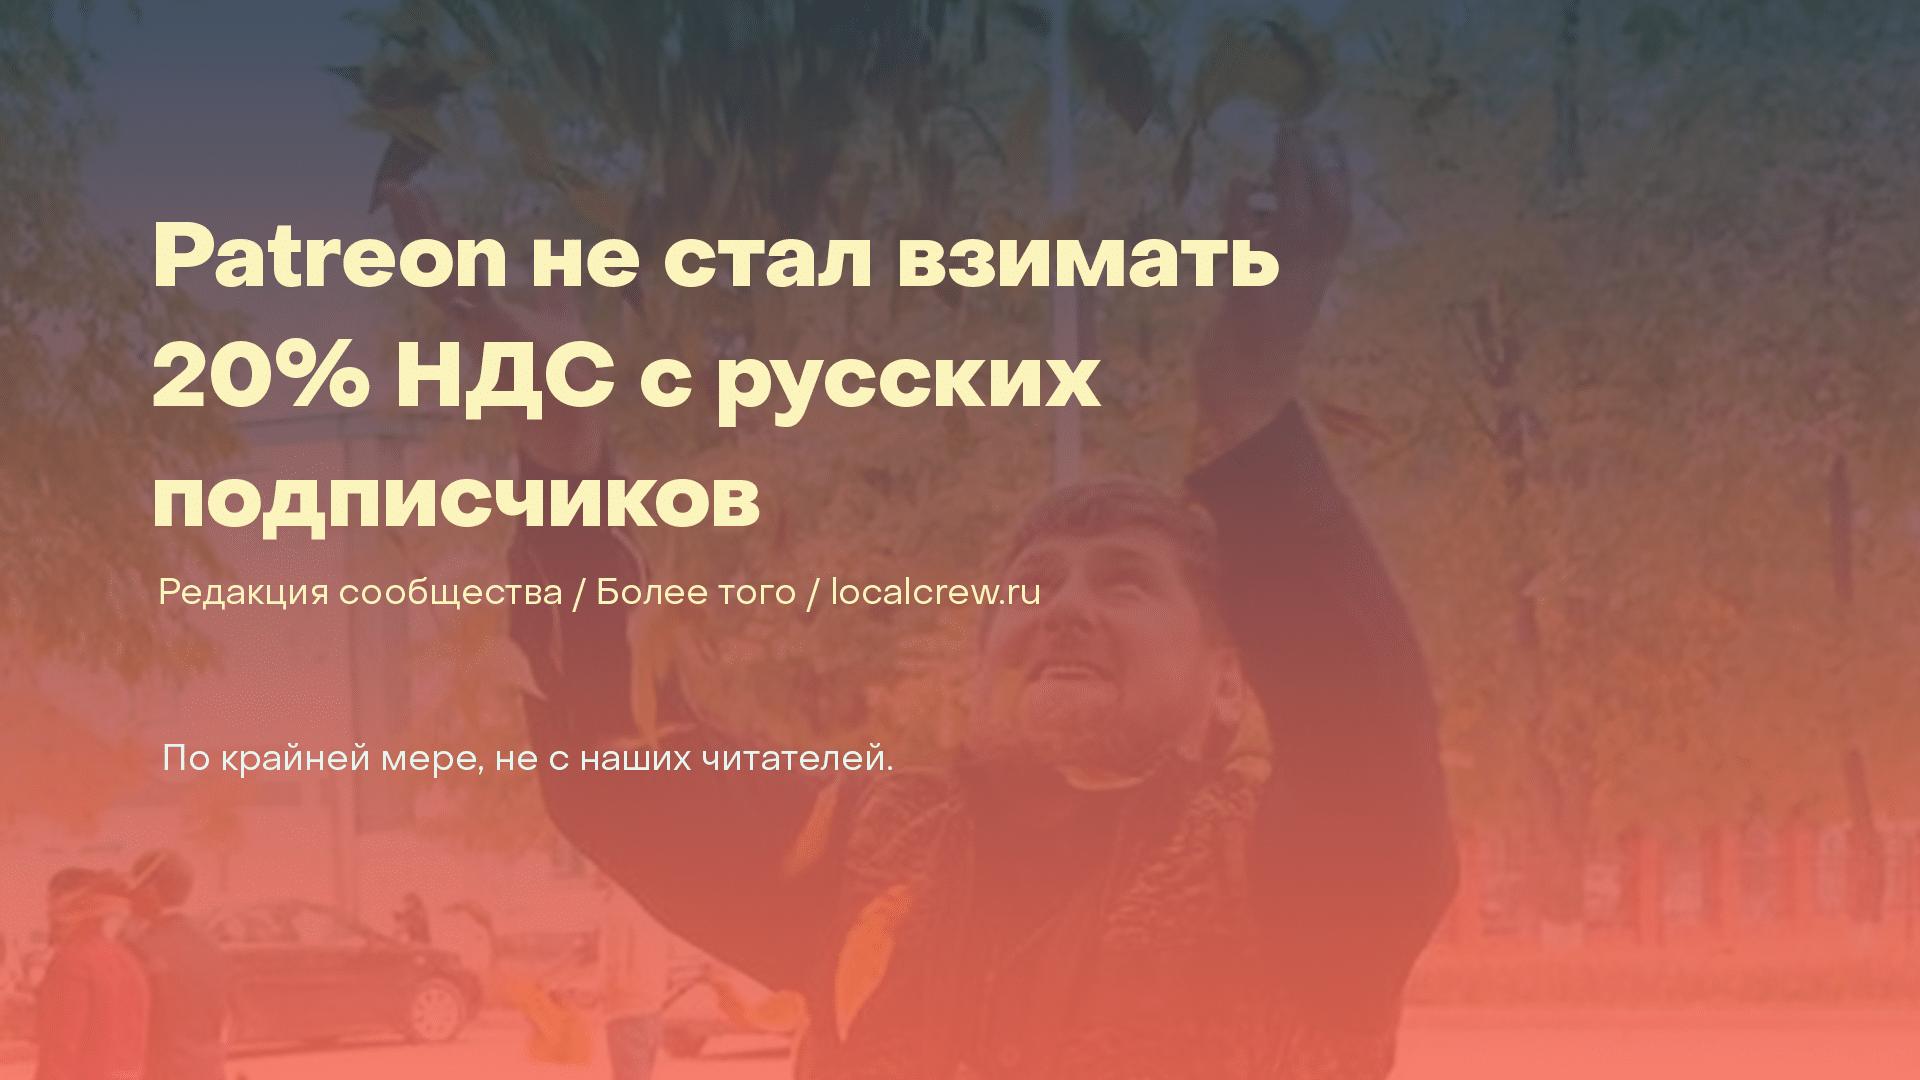 Patreon не стал взимать  20% НДС с русских  подписчиков